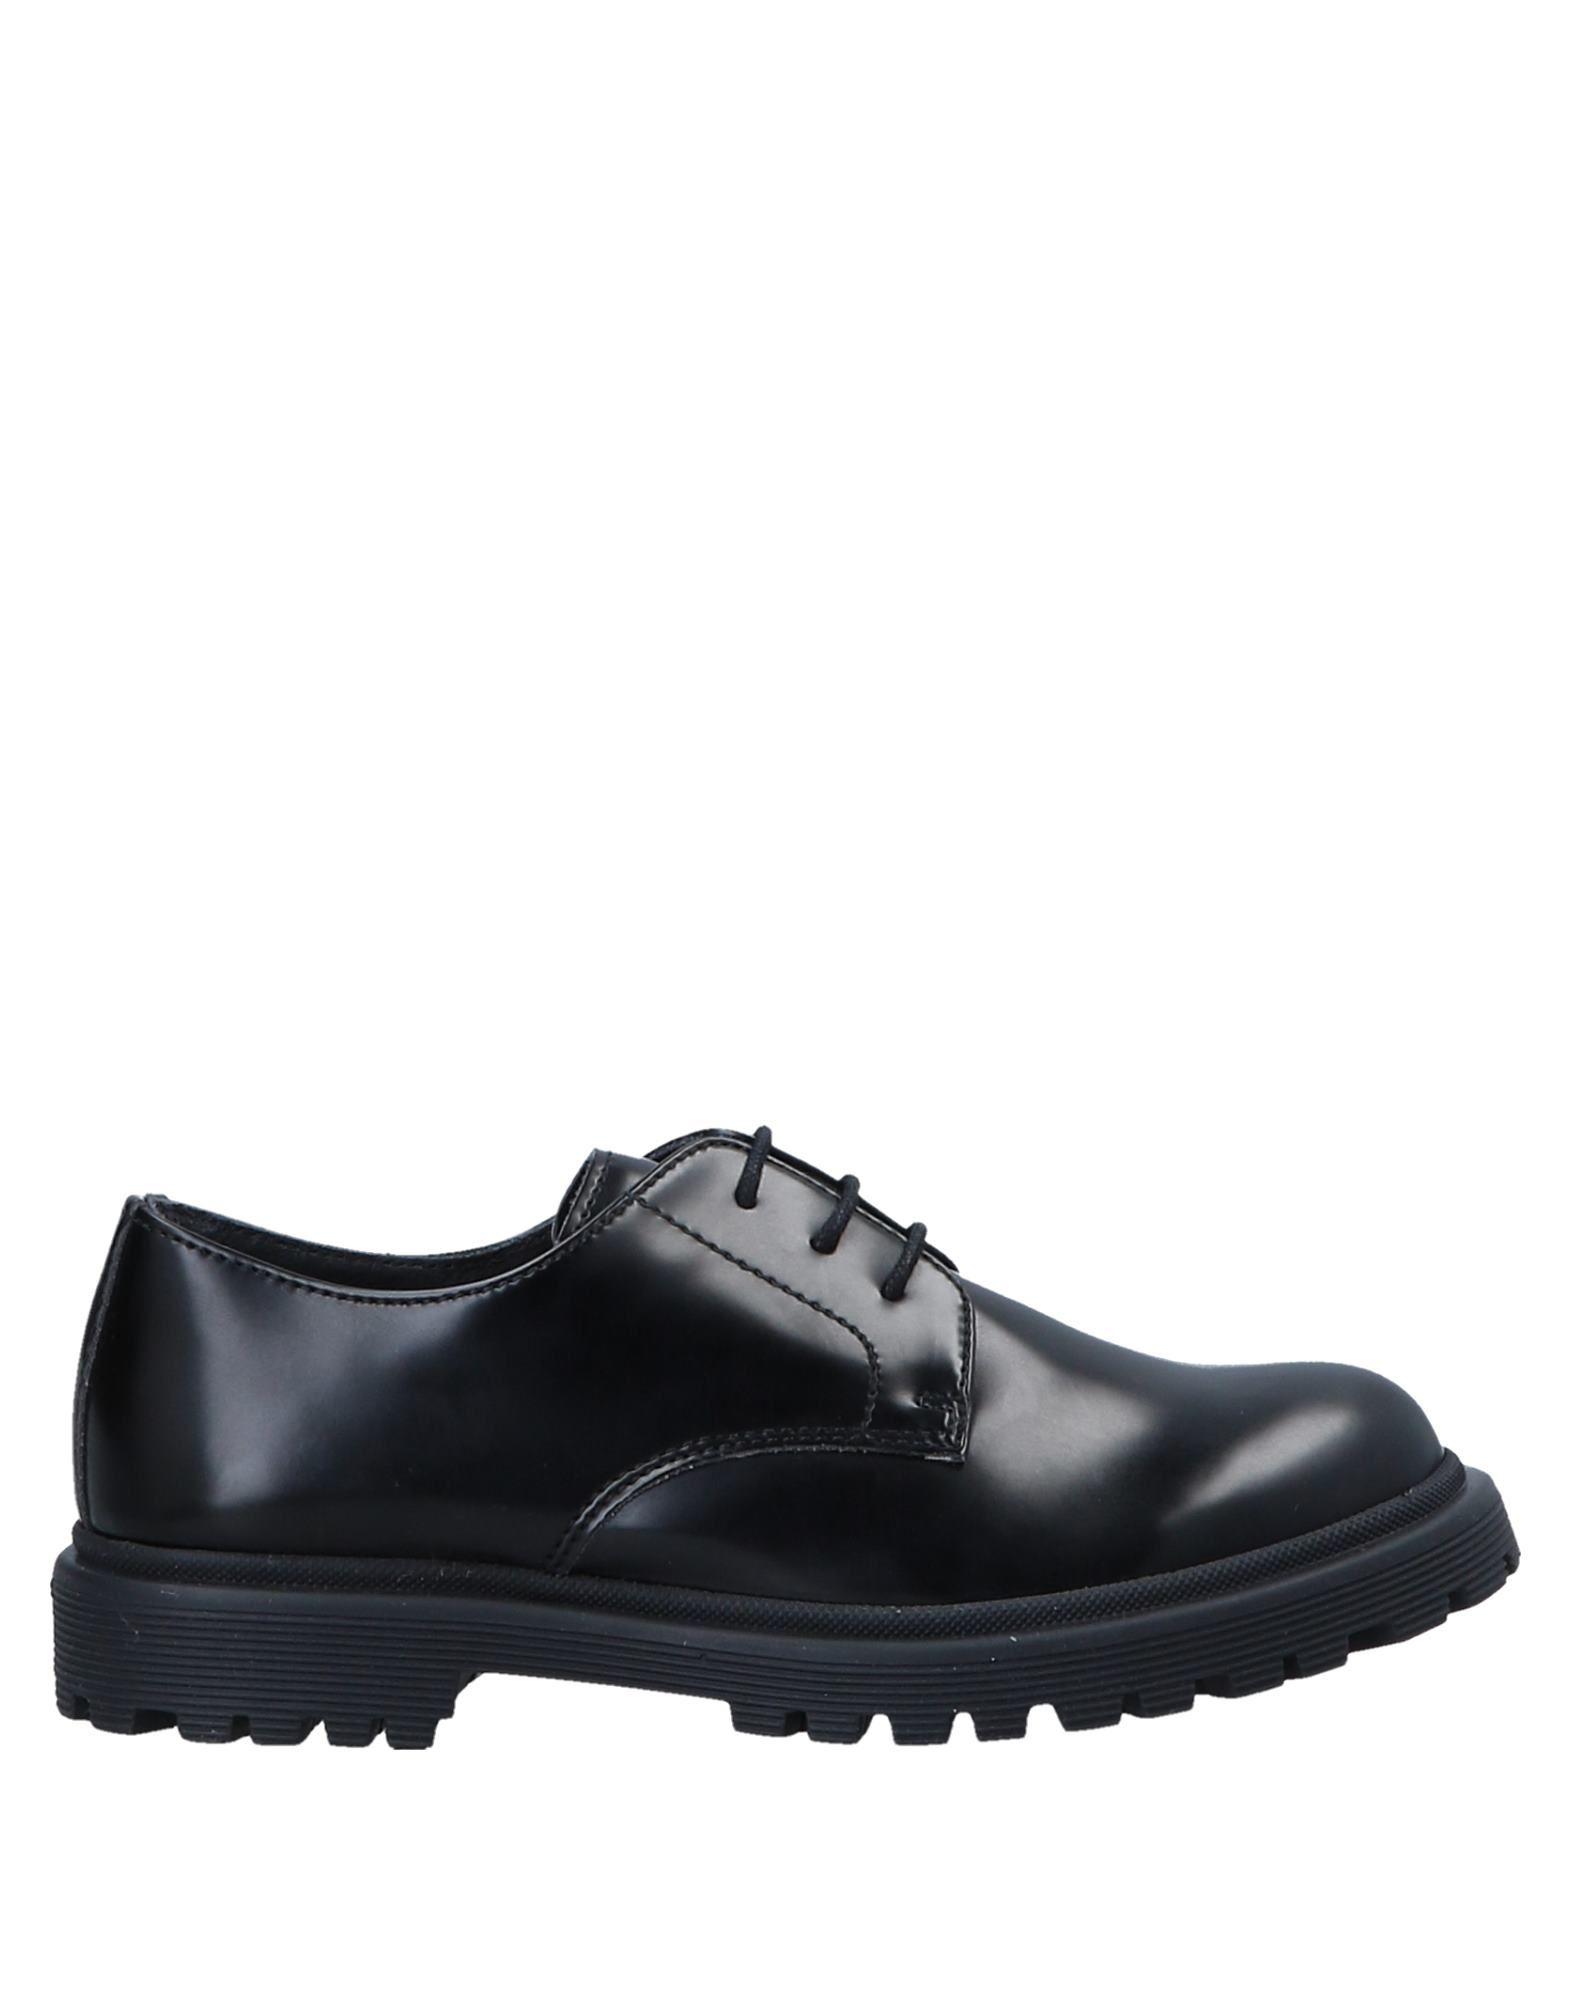 Фото - FLORENS Обувь на шнурках обувь на высокой платформе dkny